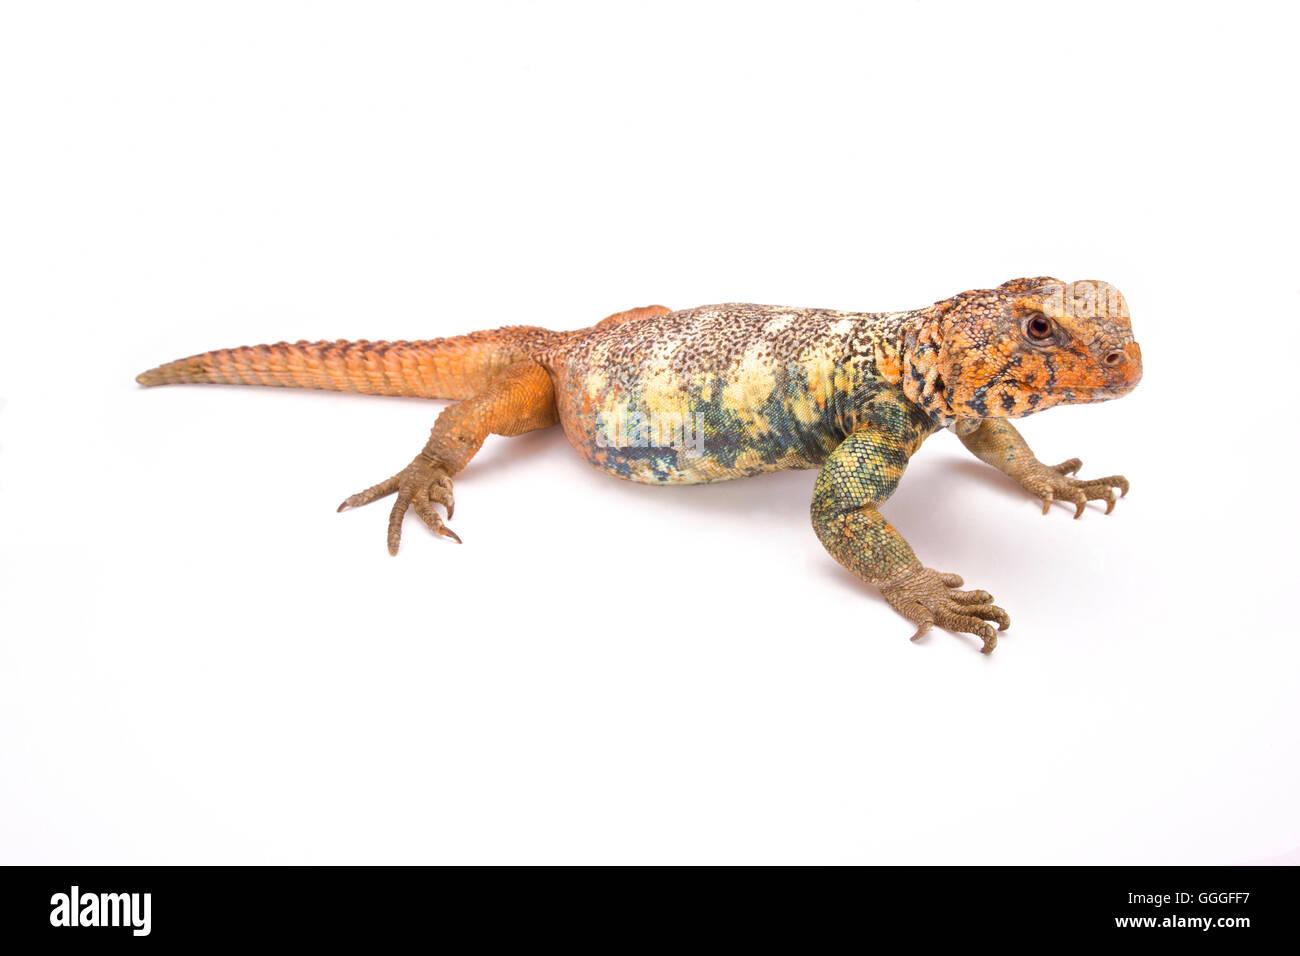 South Arabian Spiny-tailed Lizard  (Uromastyx yemenensis) Yemen - Stock Image